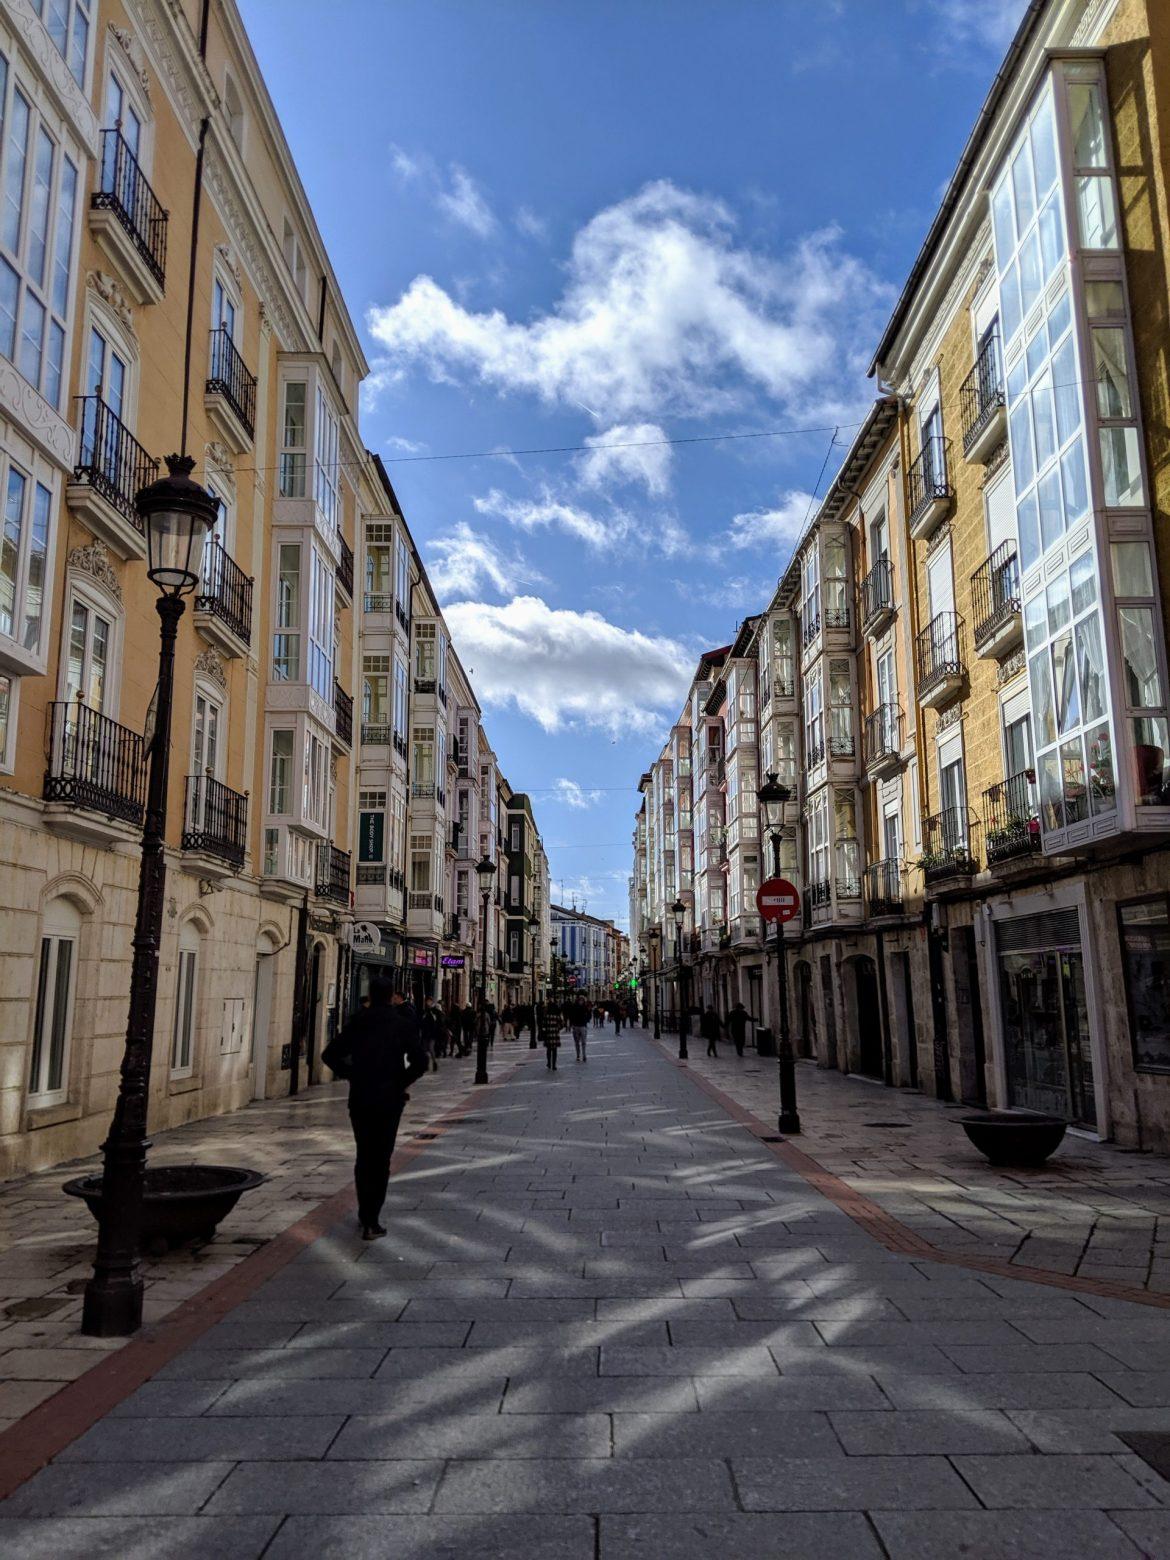 Camino IIIMG_20191112_125046